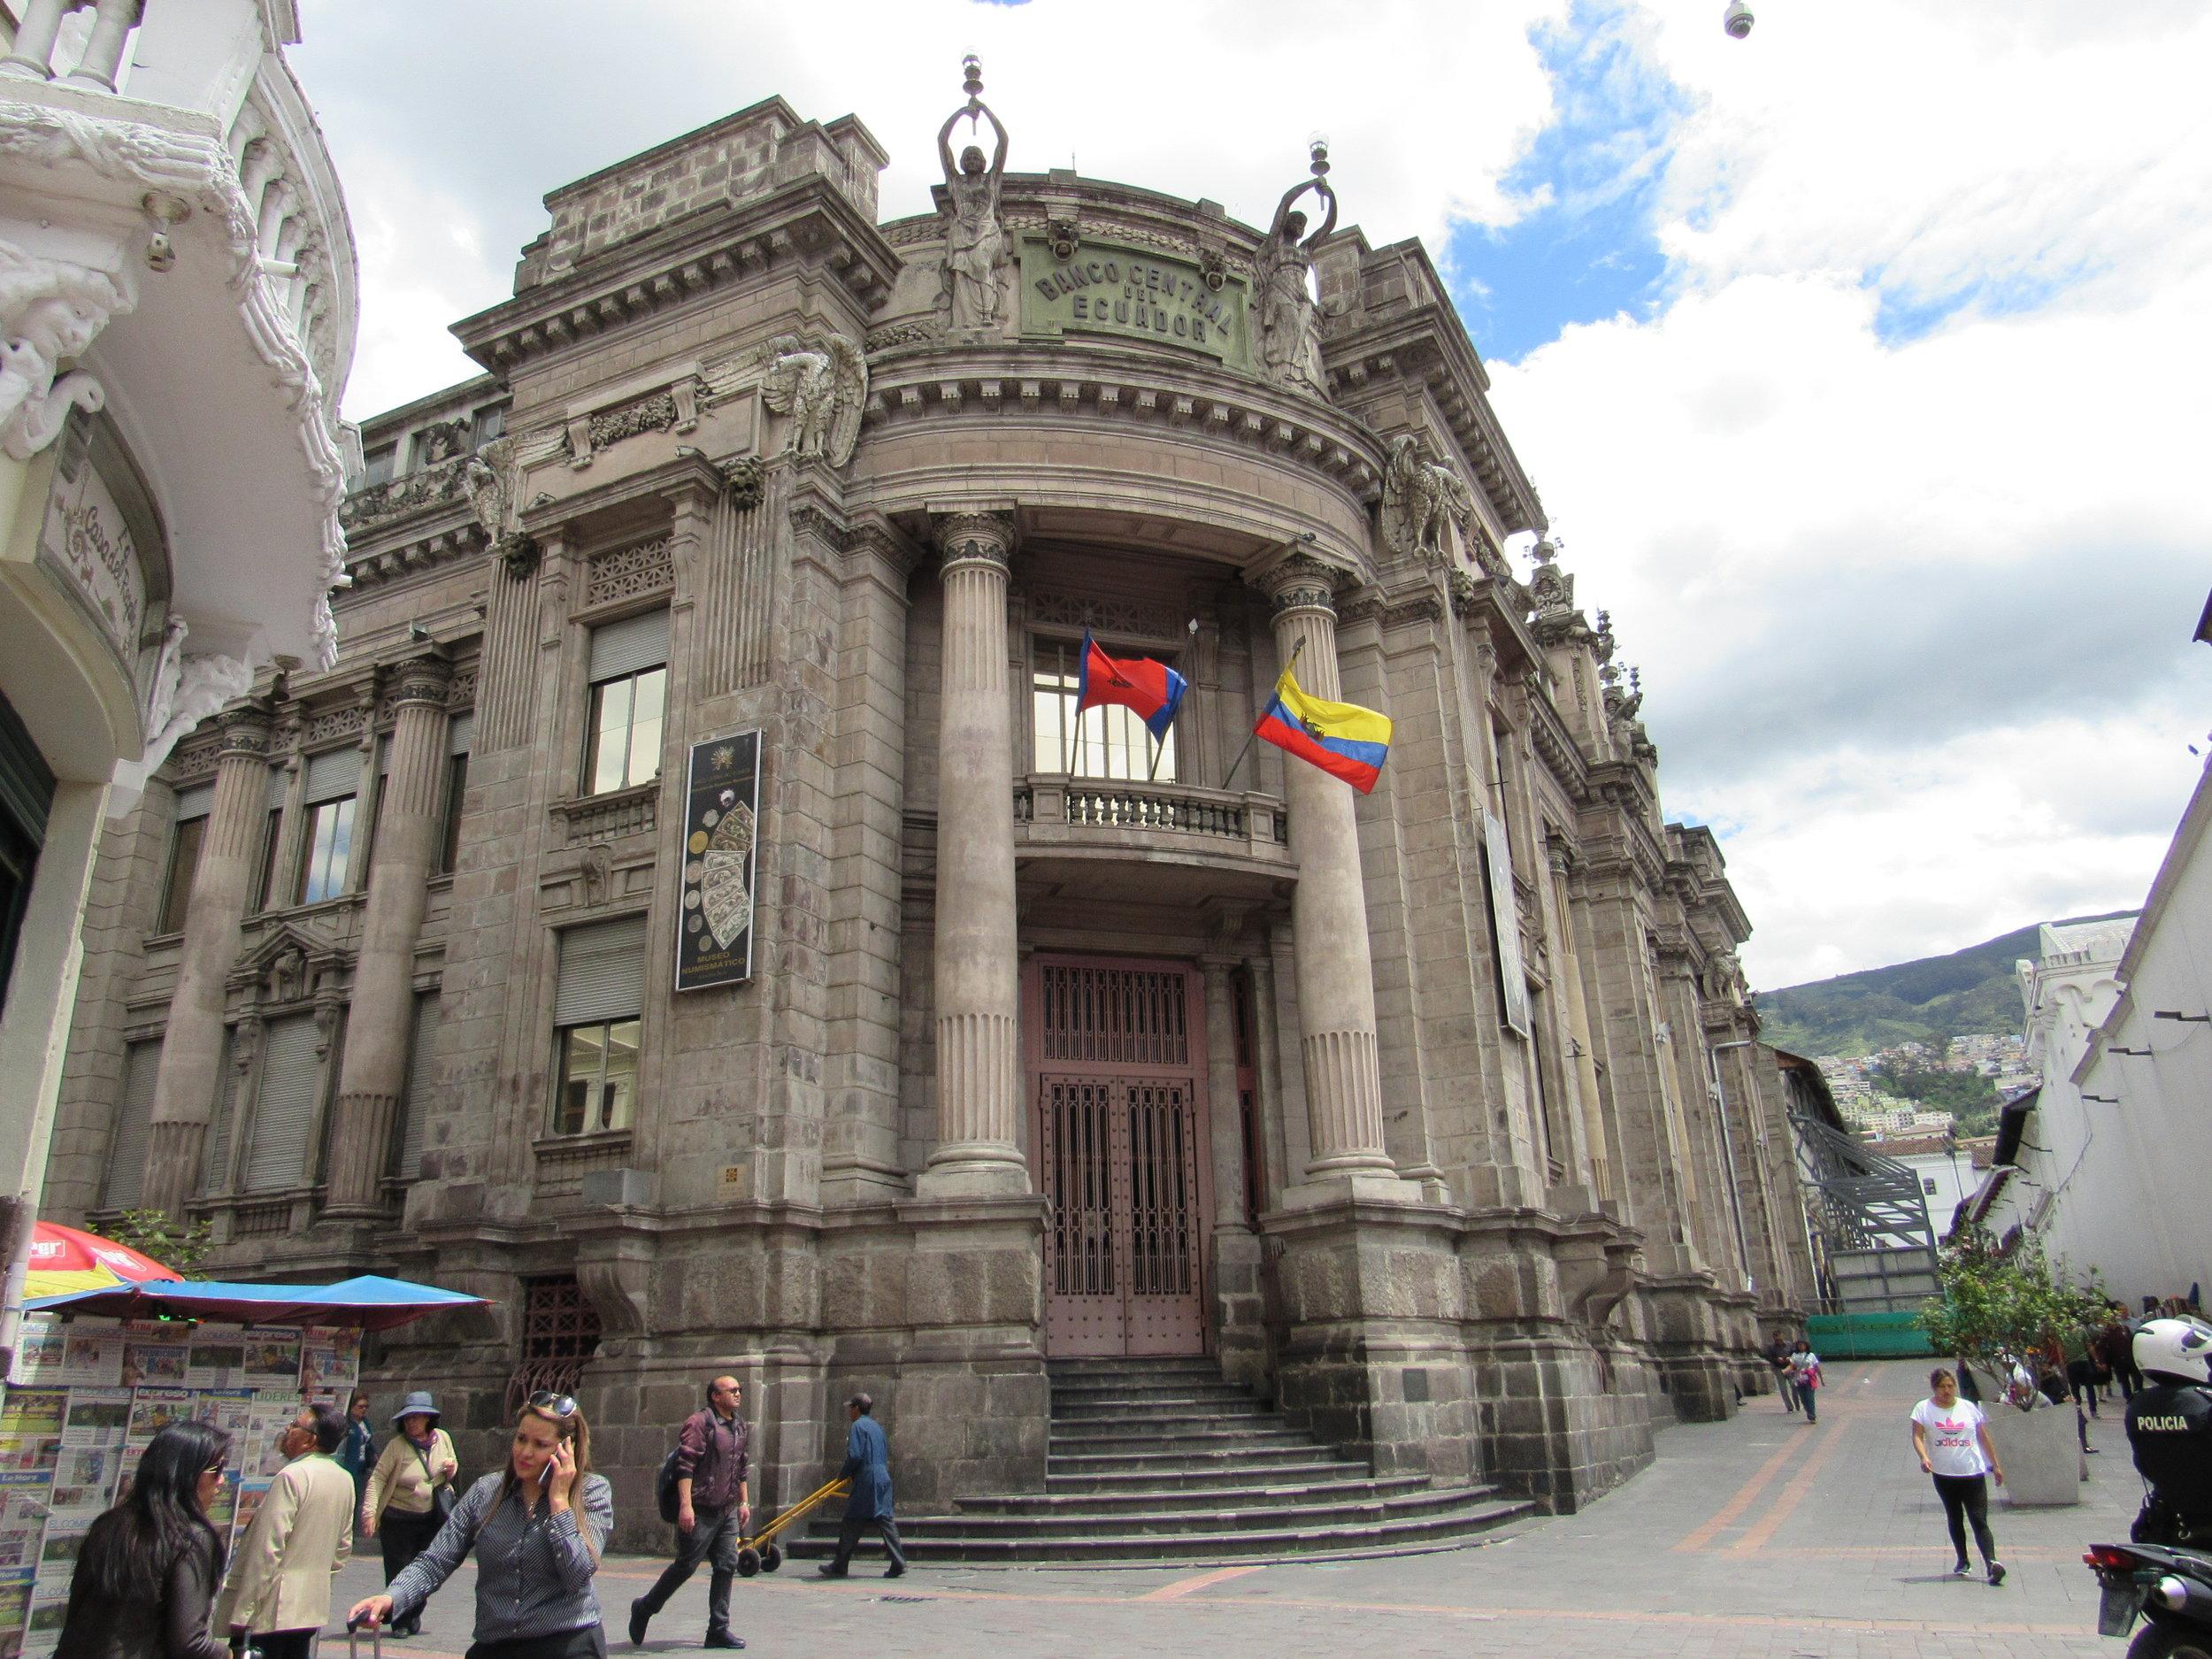 Ecuador's previous central bank, now a museum